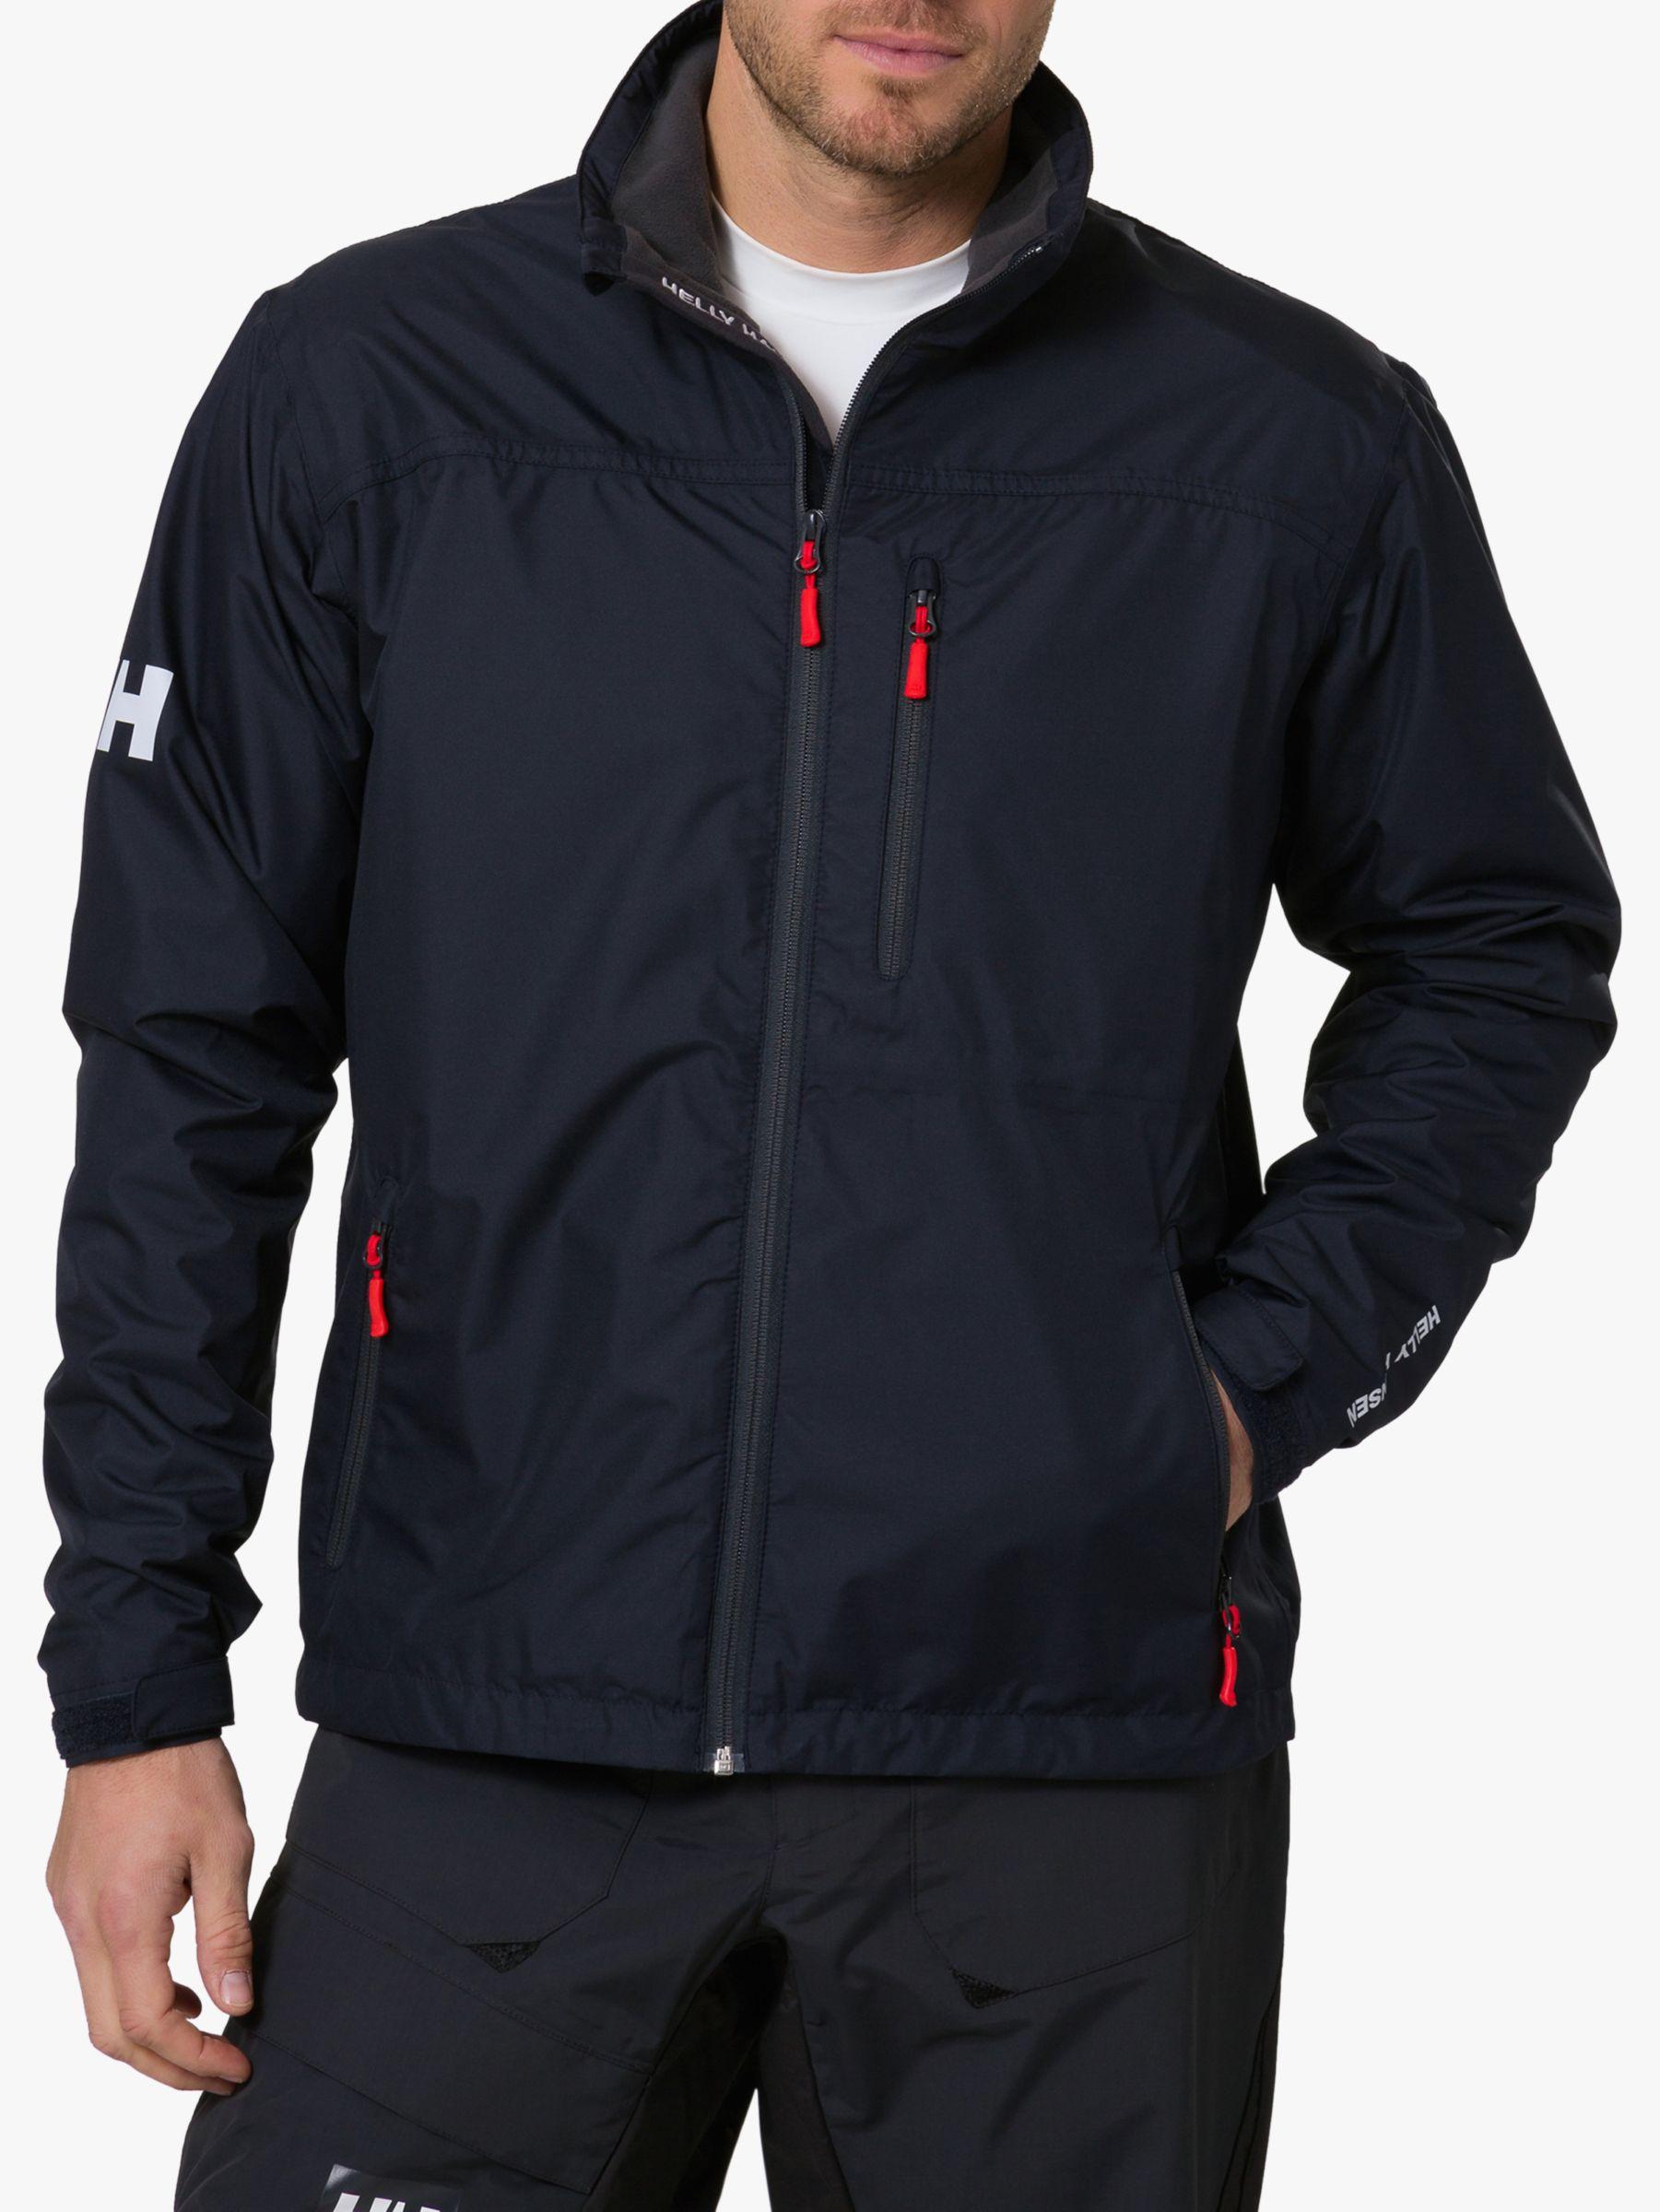 Helly Hansen Helly Hansen Crew Midlayer Men's Jacket, Navy